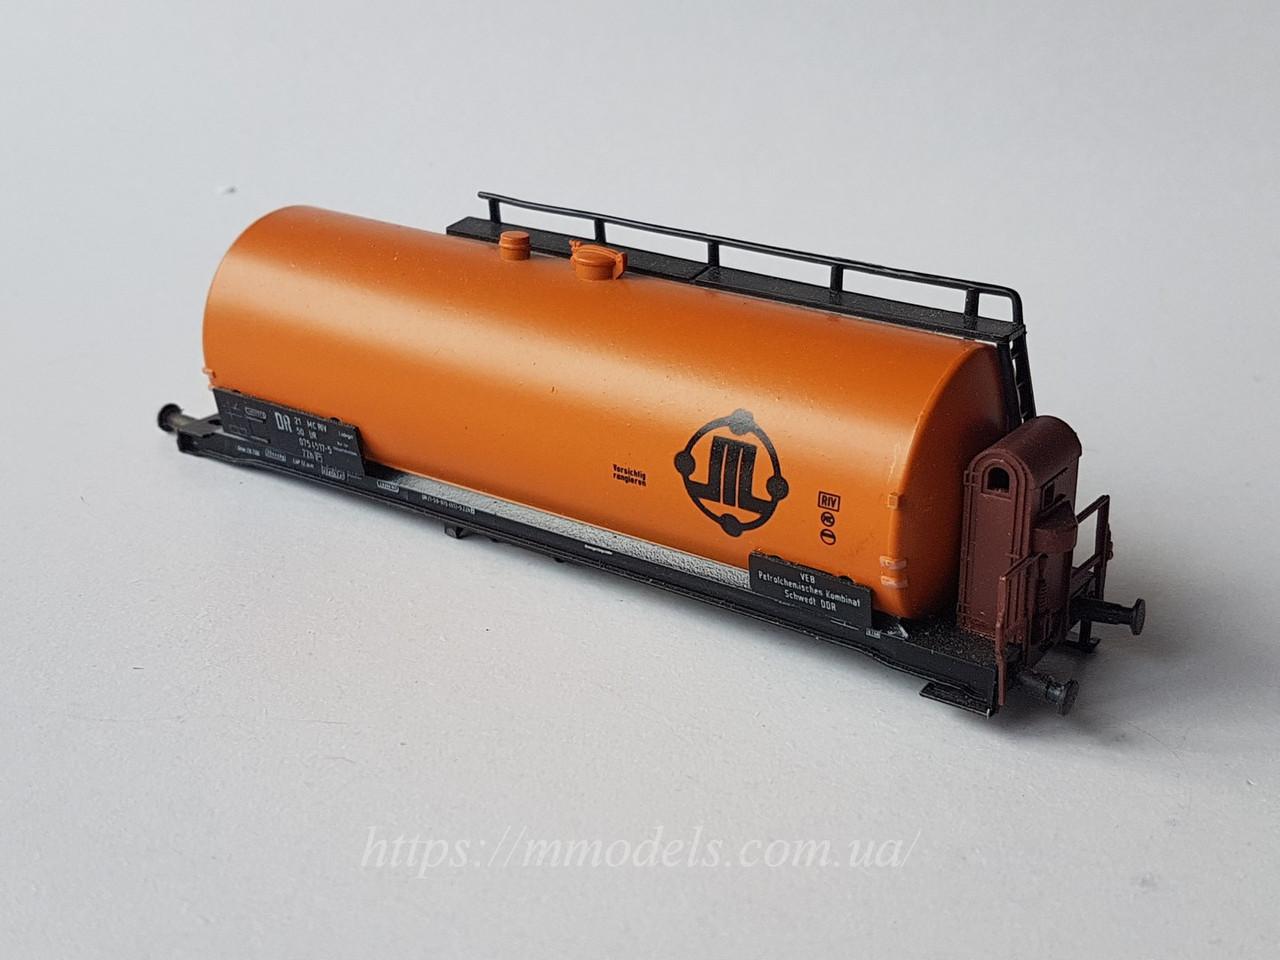 Piko OLD Запасные части для вагонов - котел 4х осной цистерны с рамой принадлежности DR, масштаба 1/87, H0